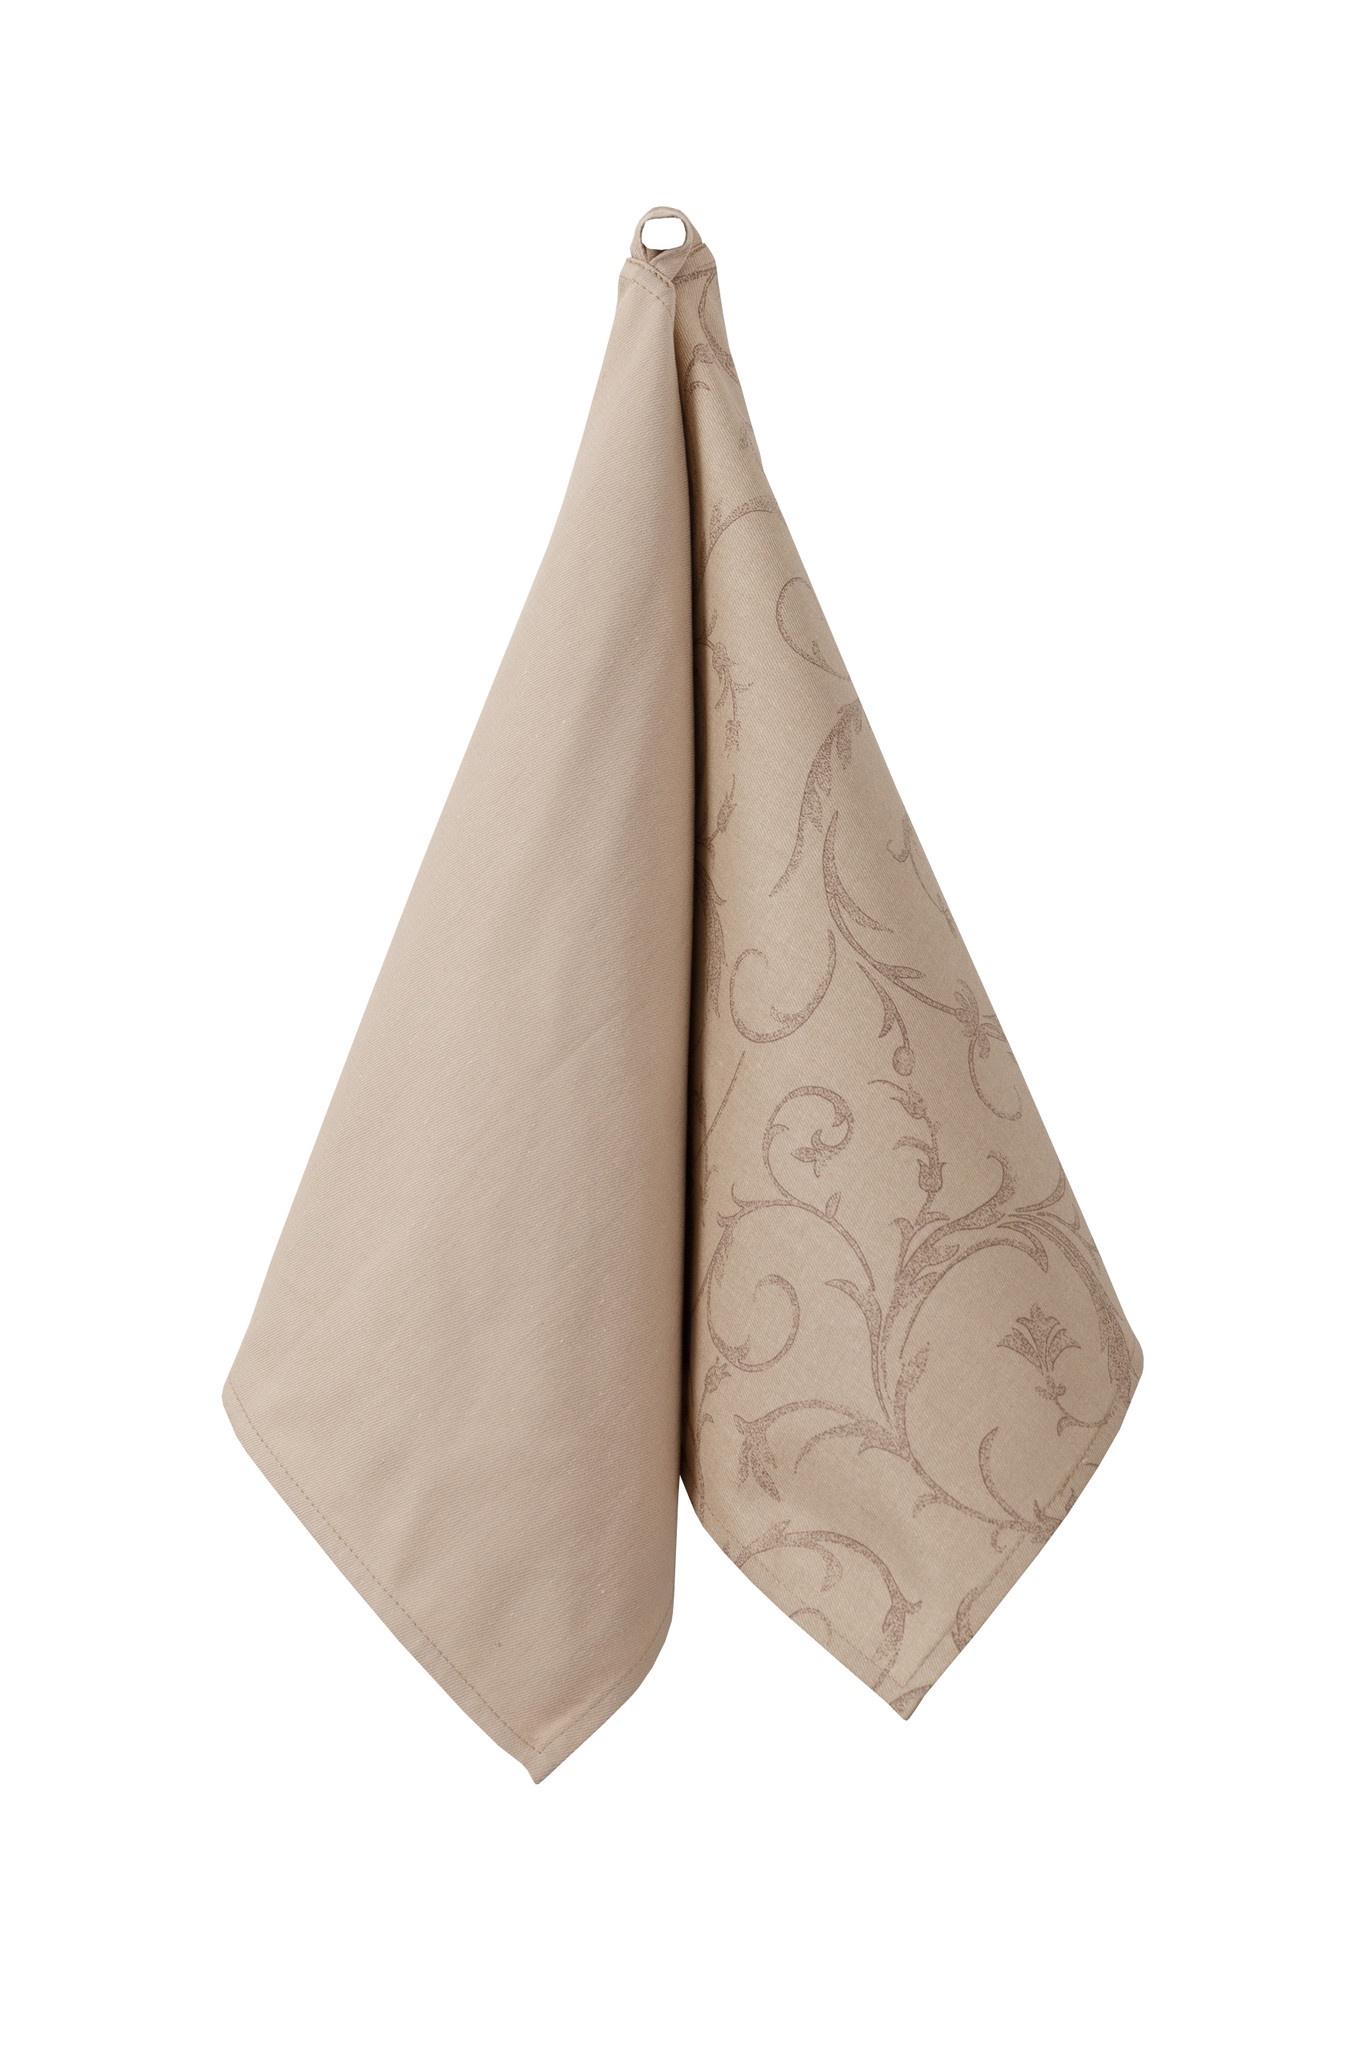 Полотенце Сurls,40х70, в наборе 2 шт полотенце english rose 4 шт fresca design полотенце english rose 4 шт page 9